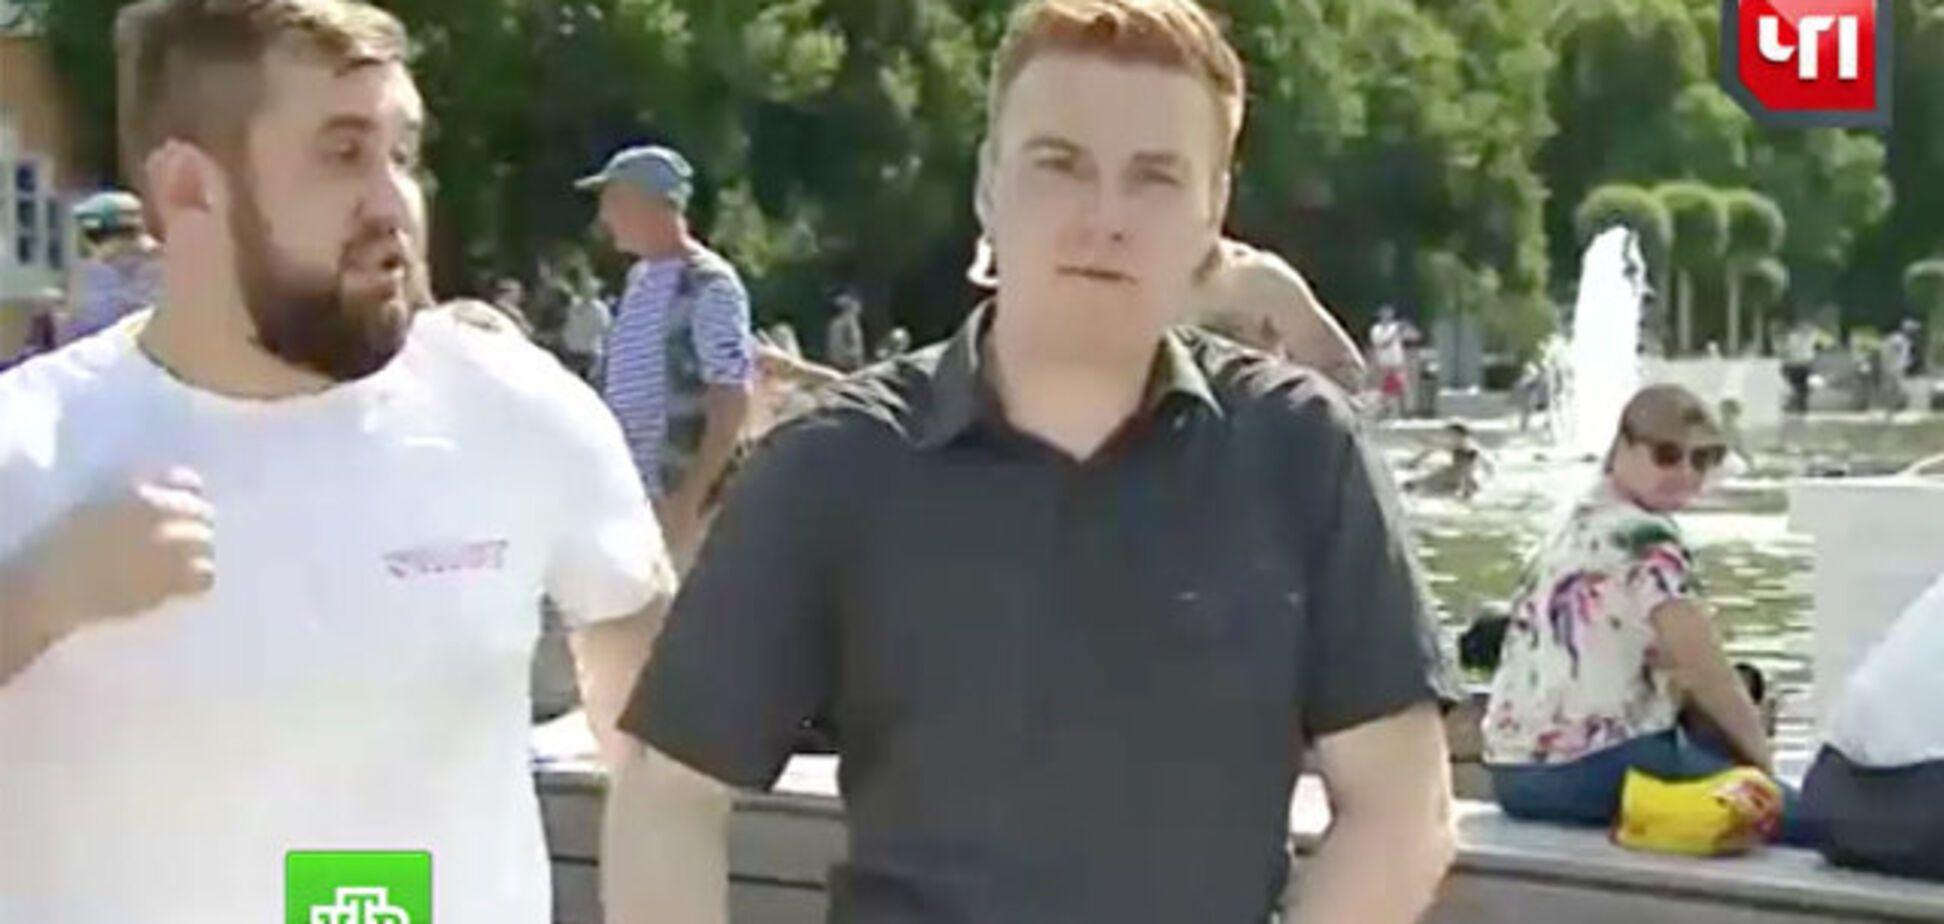 Избиение журналиста НТВ в прямом эфире: принято внезапное решение по 'оплотовцу'